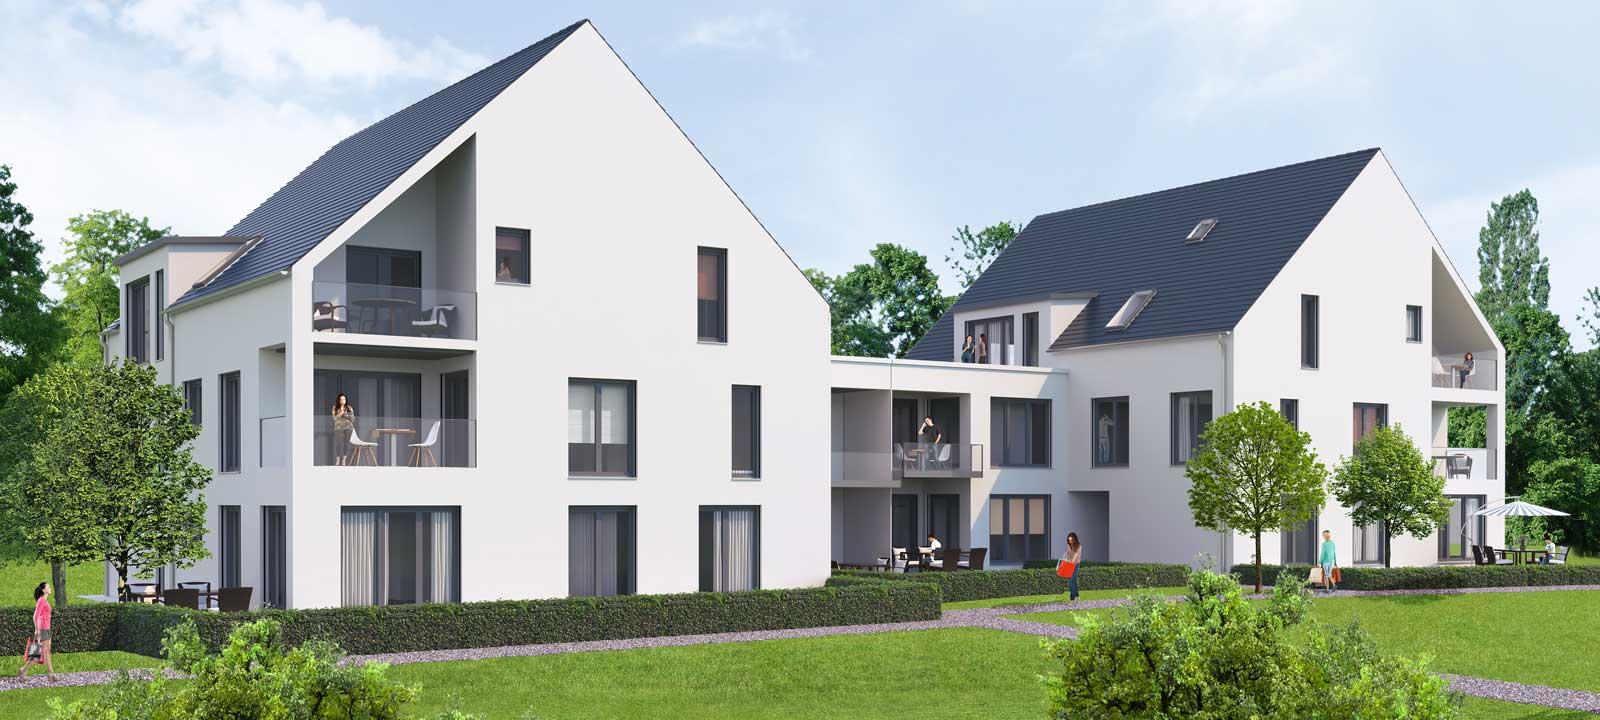 immobilien wohnungen reihenhaus in n rnberg und f rth schultheiss wohnbau ag. Black Bedroom Furniture Sets. Home Design Ideas